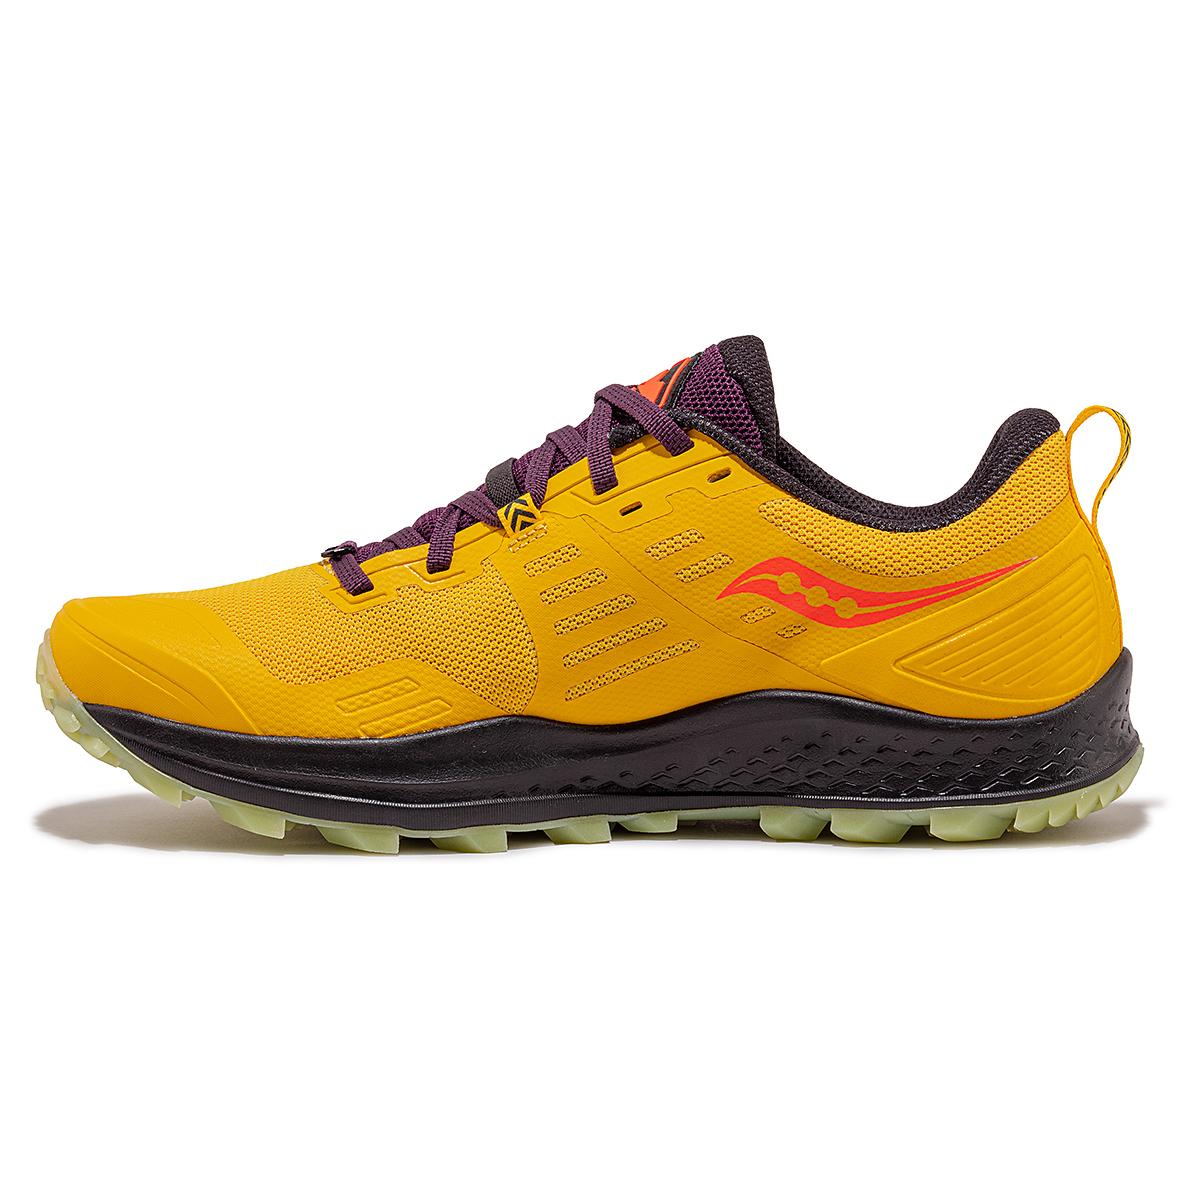 Men's Saucony Jackalope 2.0 Peregrine 10 Trail Running Shoe - Color: Jackalope - Size: 7 - Width: Regular, Jackalope, large, image 4